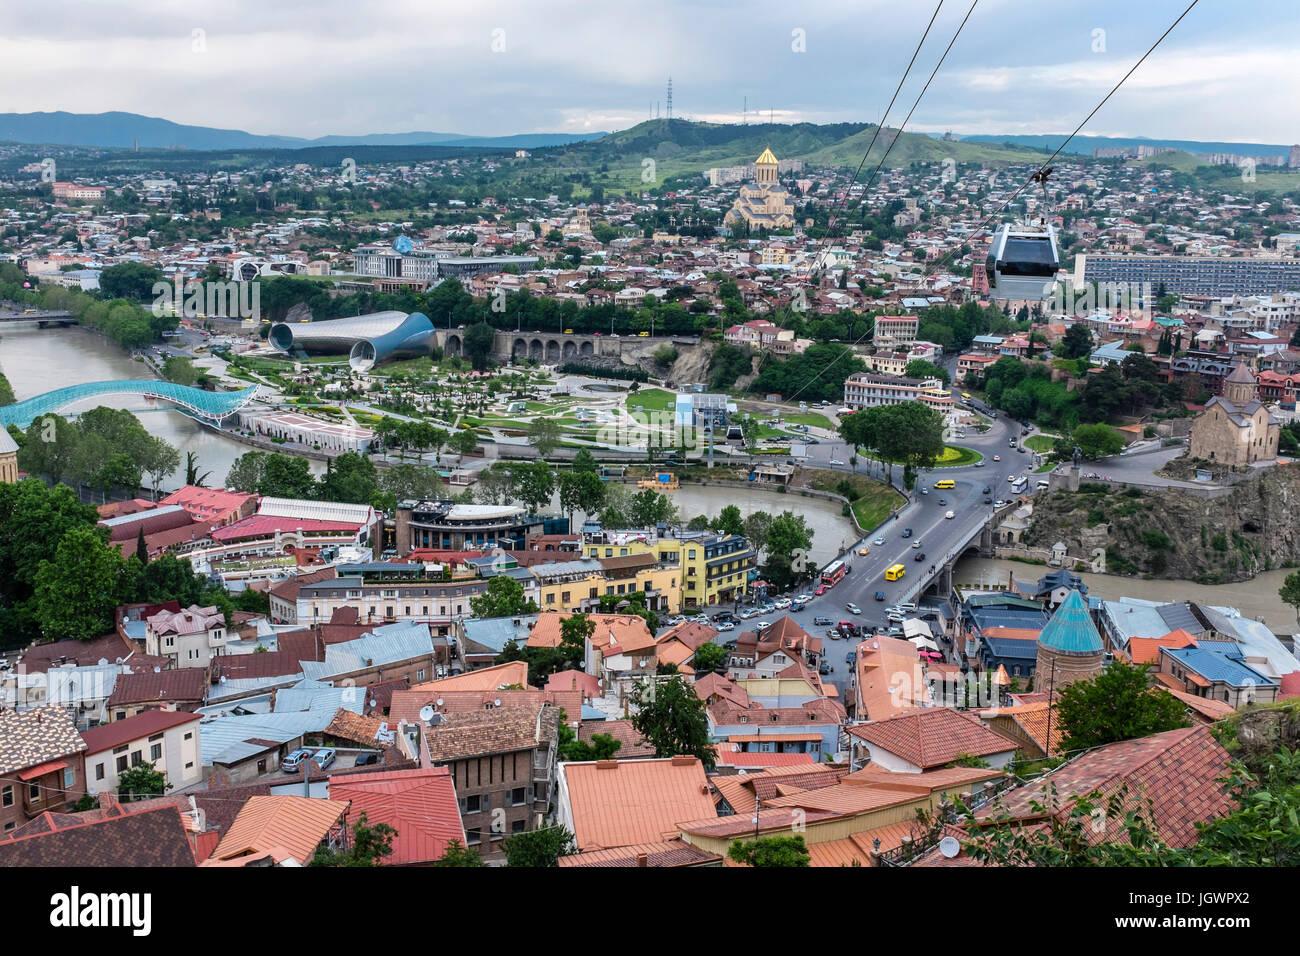 Live Videos Cars Tbilisi Georgia: Tbilisi, Georgia, Eastern Europe